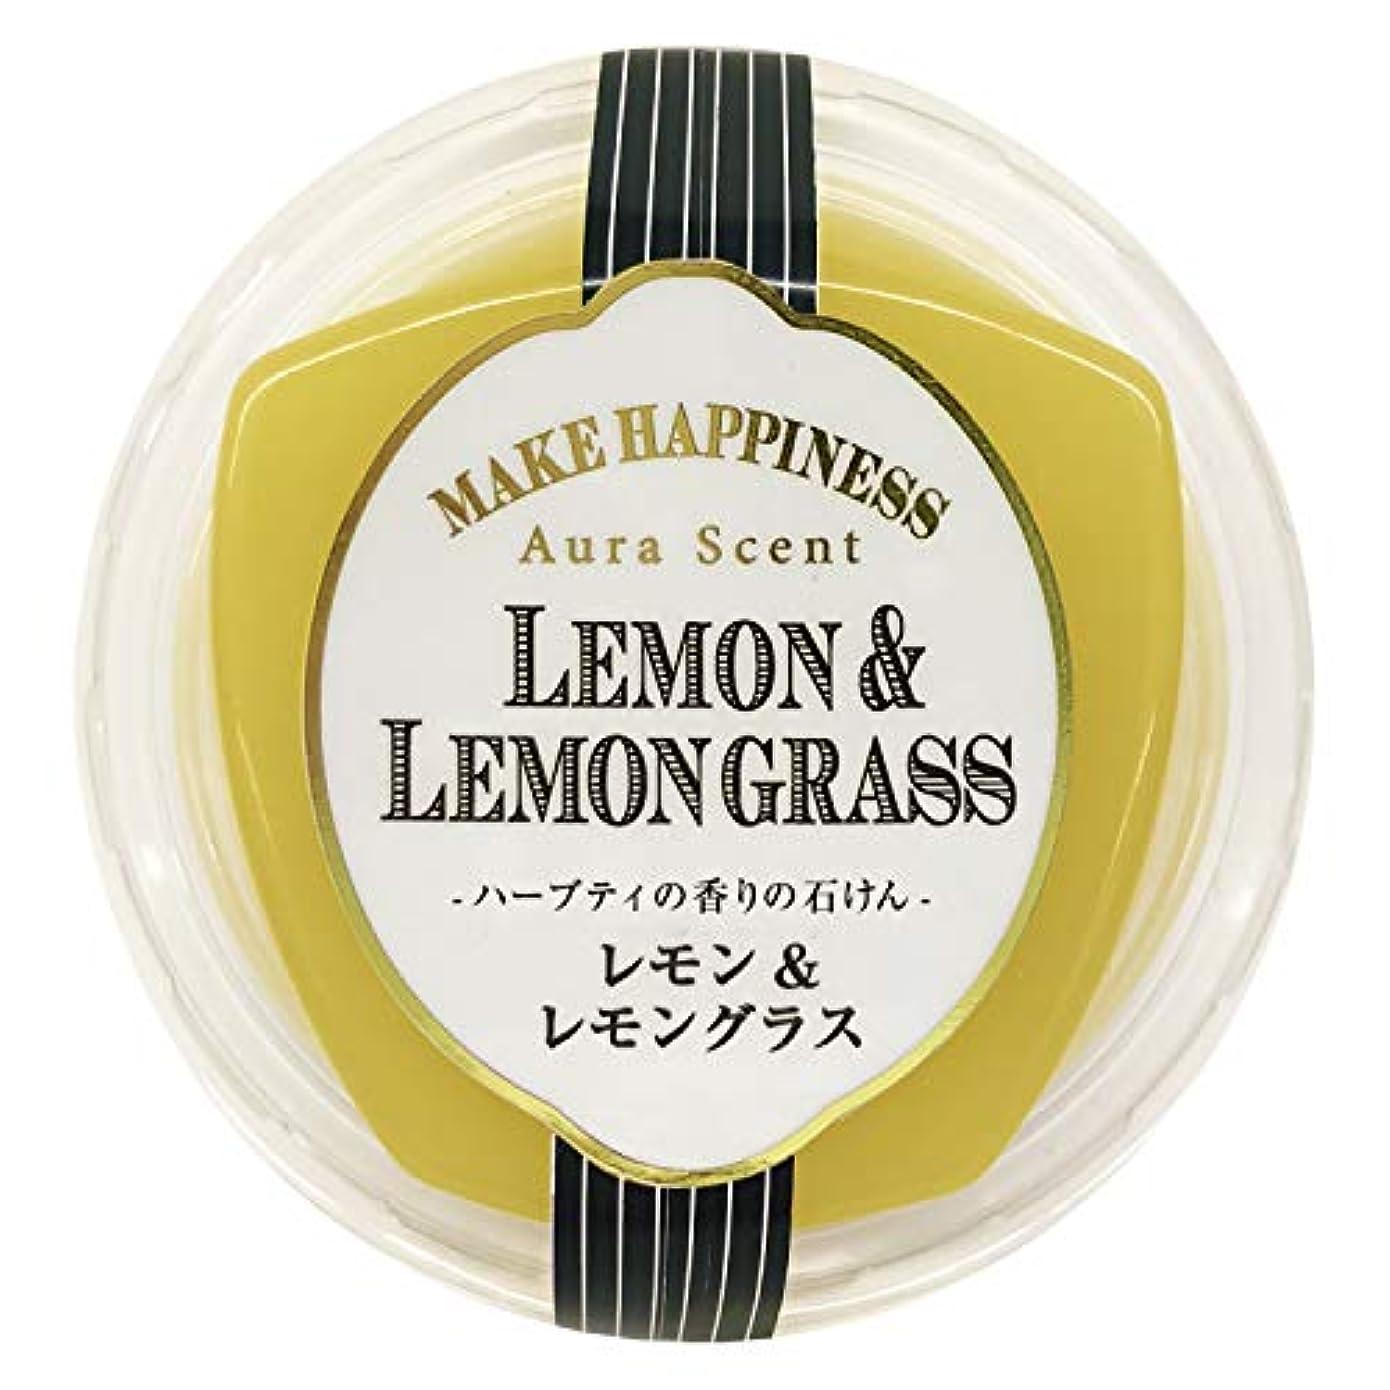 シンカン膨らませるカテナペリカン石鹸 オーラセント クリアソープレモン&レモングラス 75g